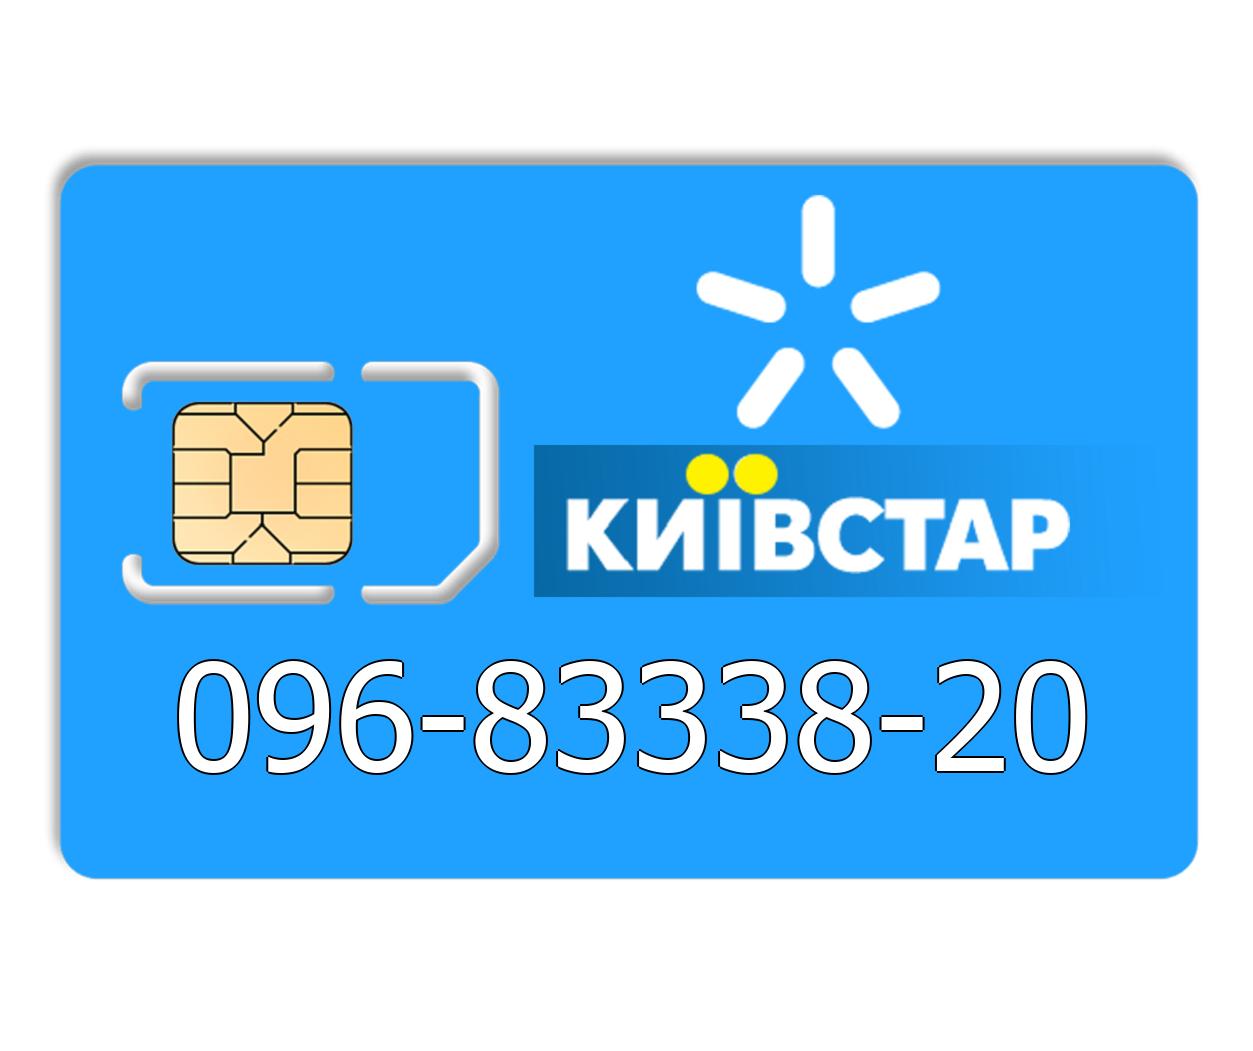 Красивый номер Киевстар 096-83338-20